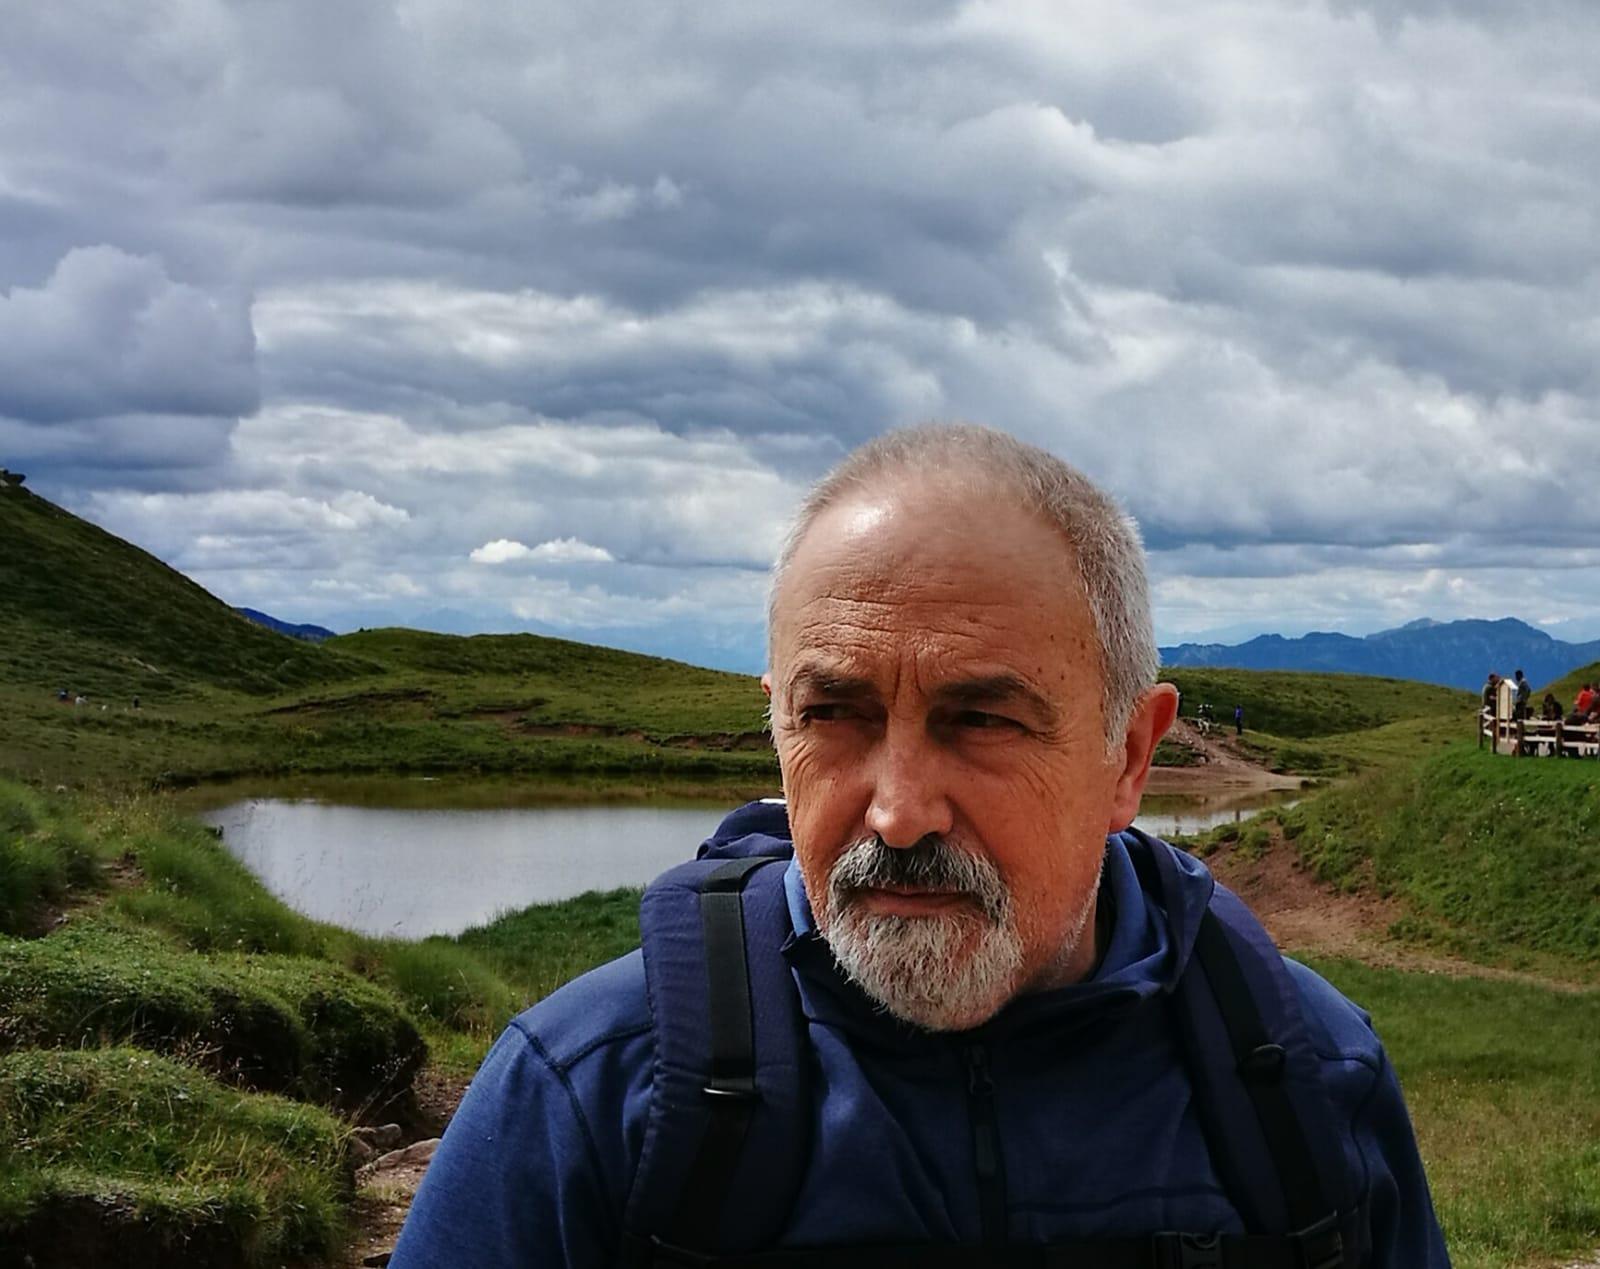 Carlentini, La fondazione di Carlentini: intervista al Professore Nicola Aricò